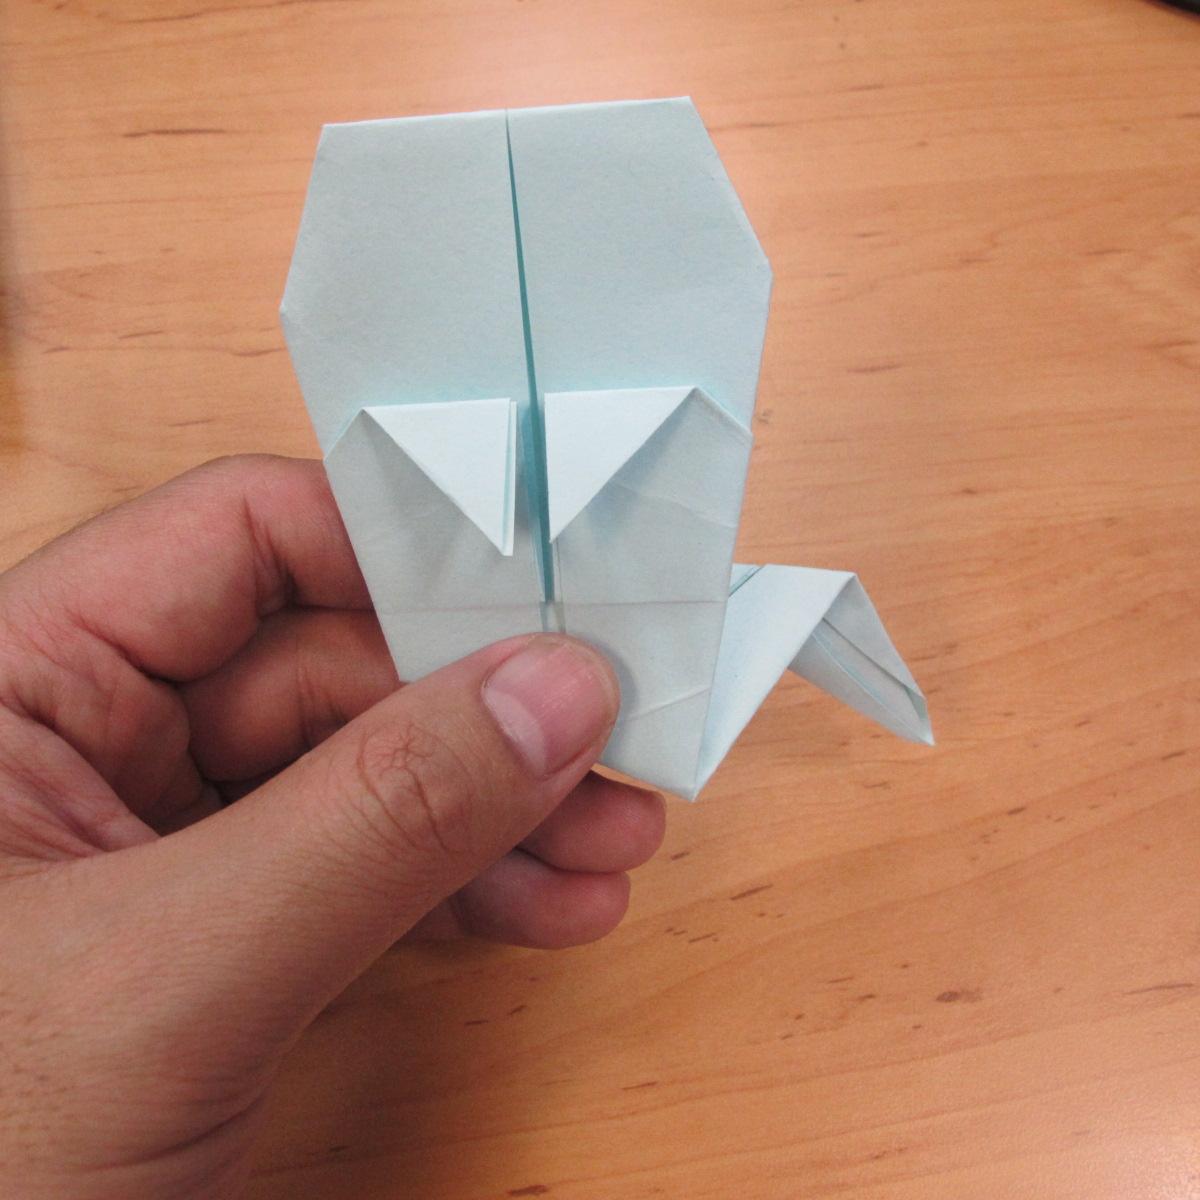 วิธีพับกระดาษเป็นรูปผีน้อย 013